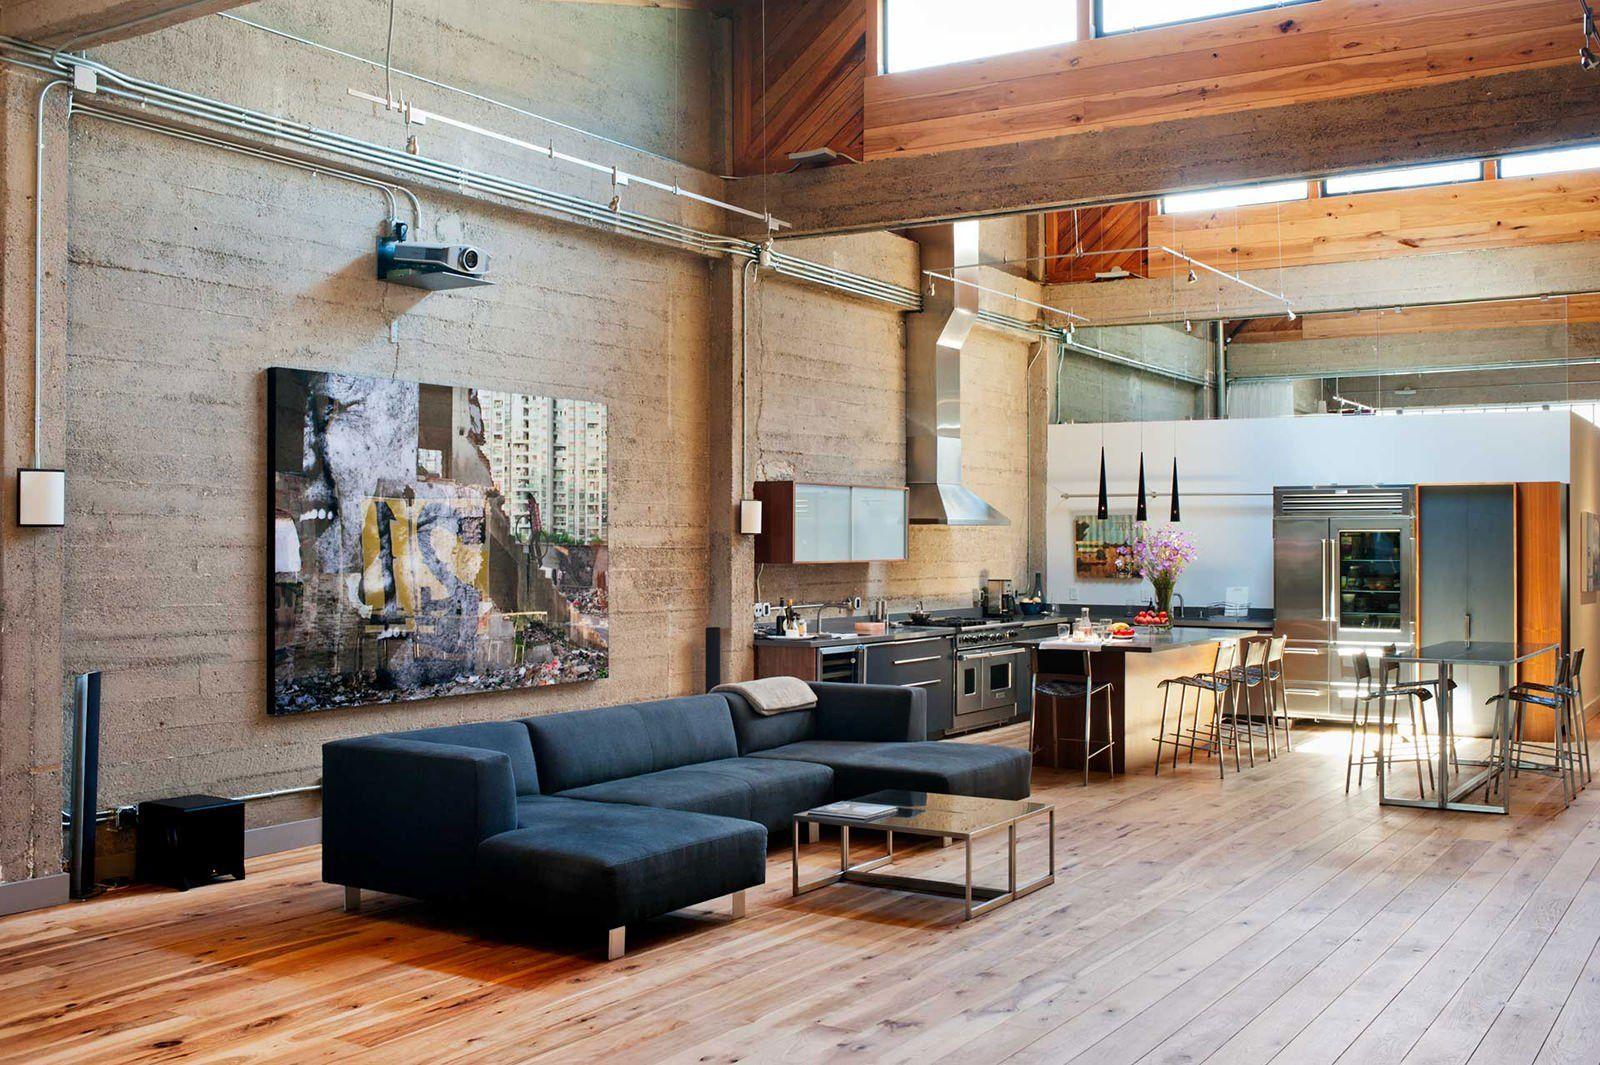 Стиль лофт в интерьере: особенности дизайна, фото и рекомендации реальных интерьеров